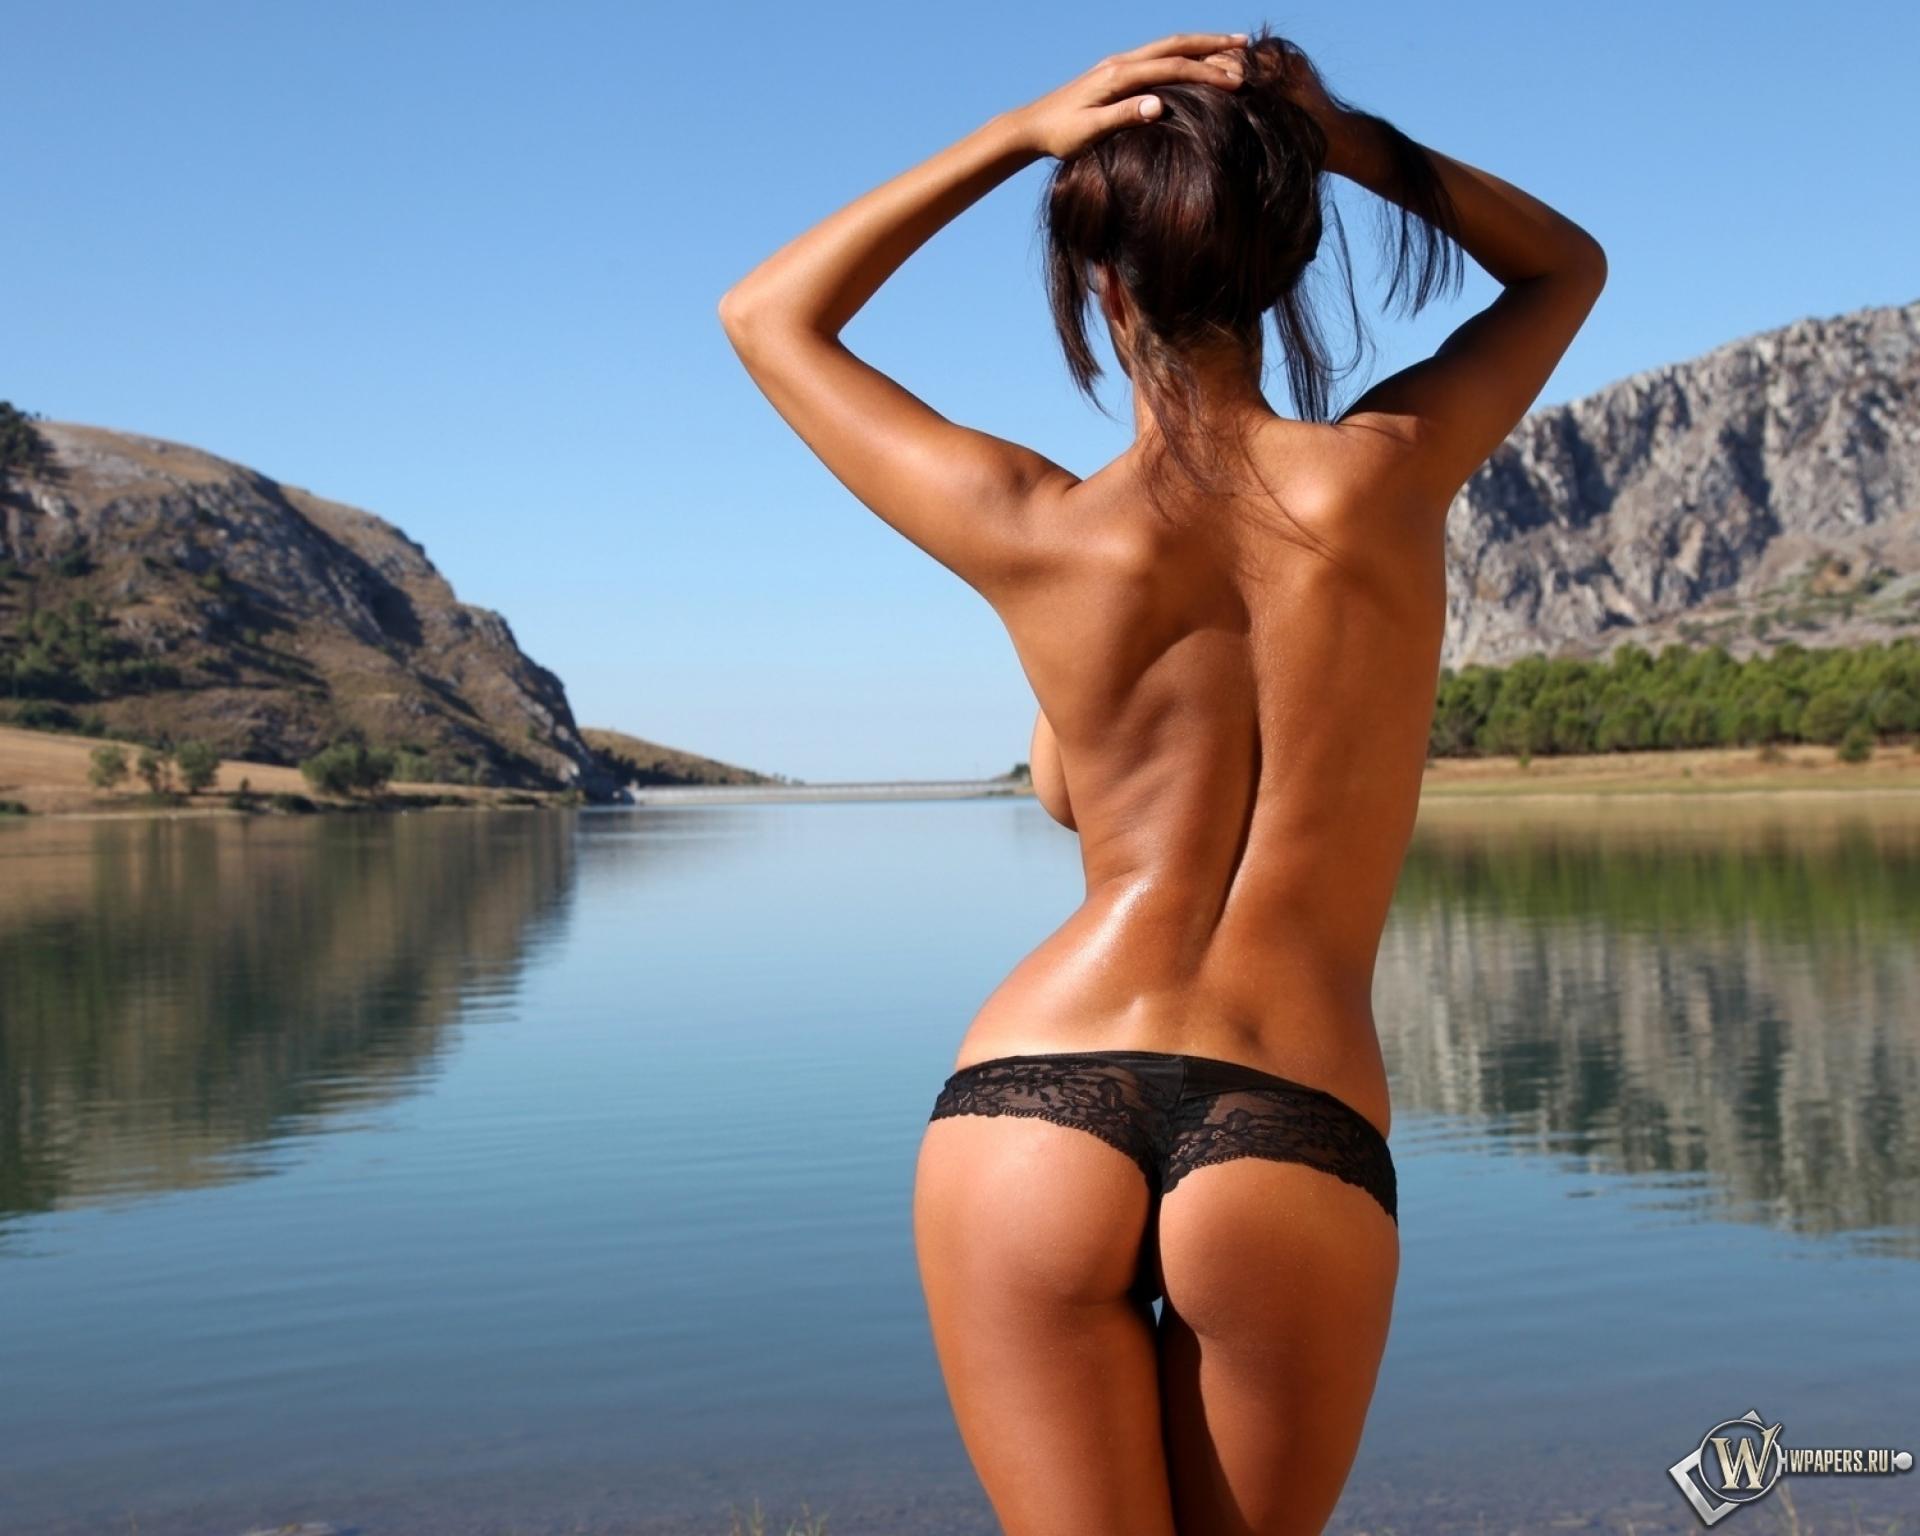 Просто красивое тело девушек 10 фотография